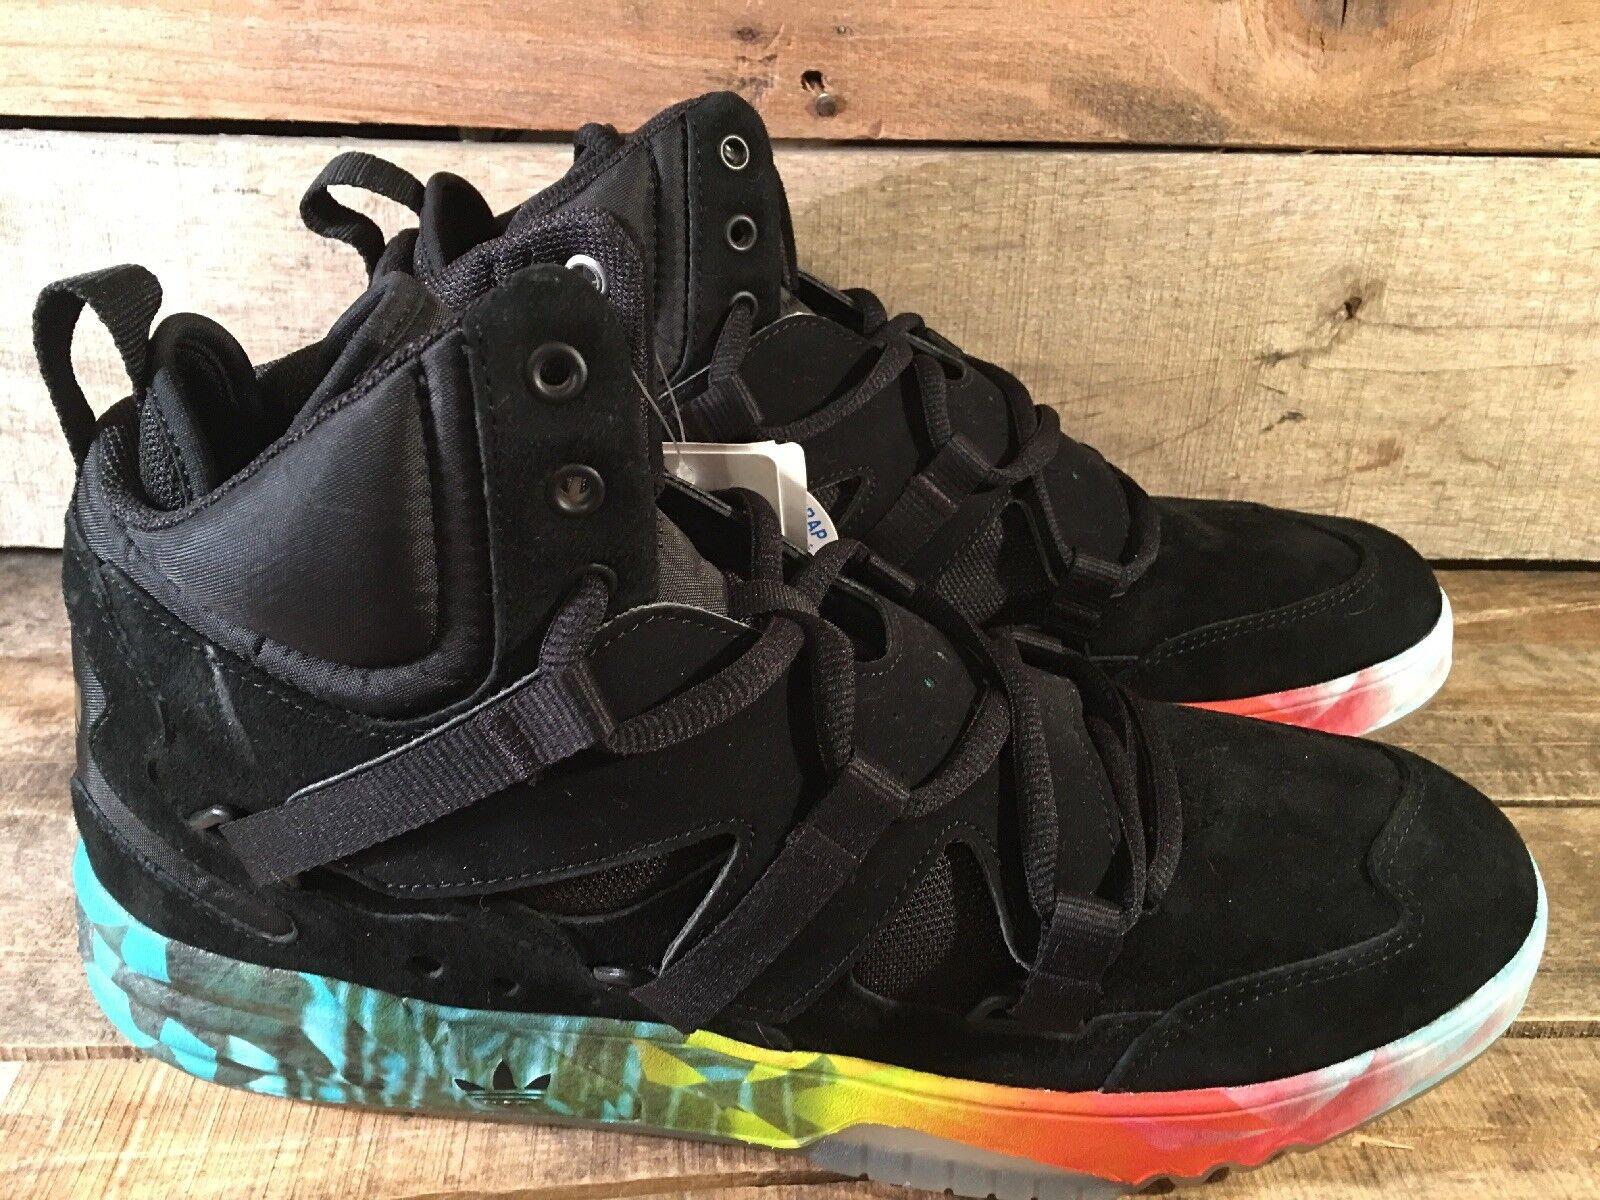 Adidas Rh Instinct Herren Anzeigen Größe 11.5 Schwarz Mehrfarbig